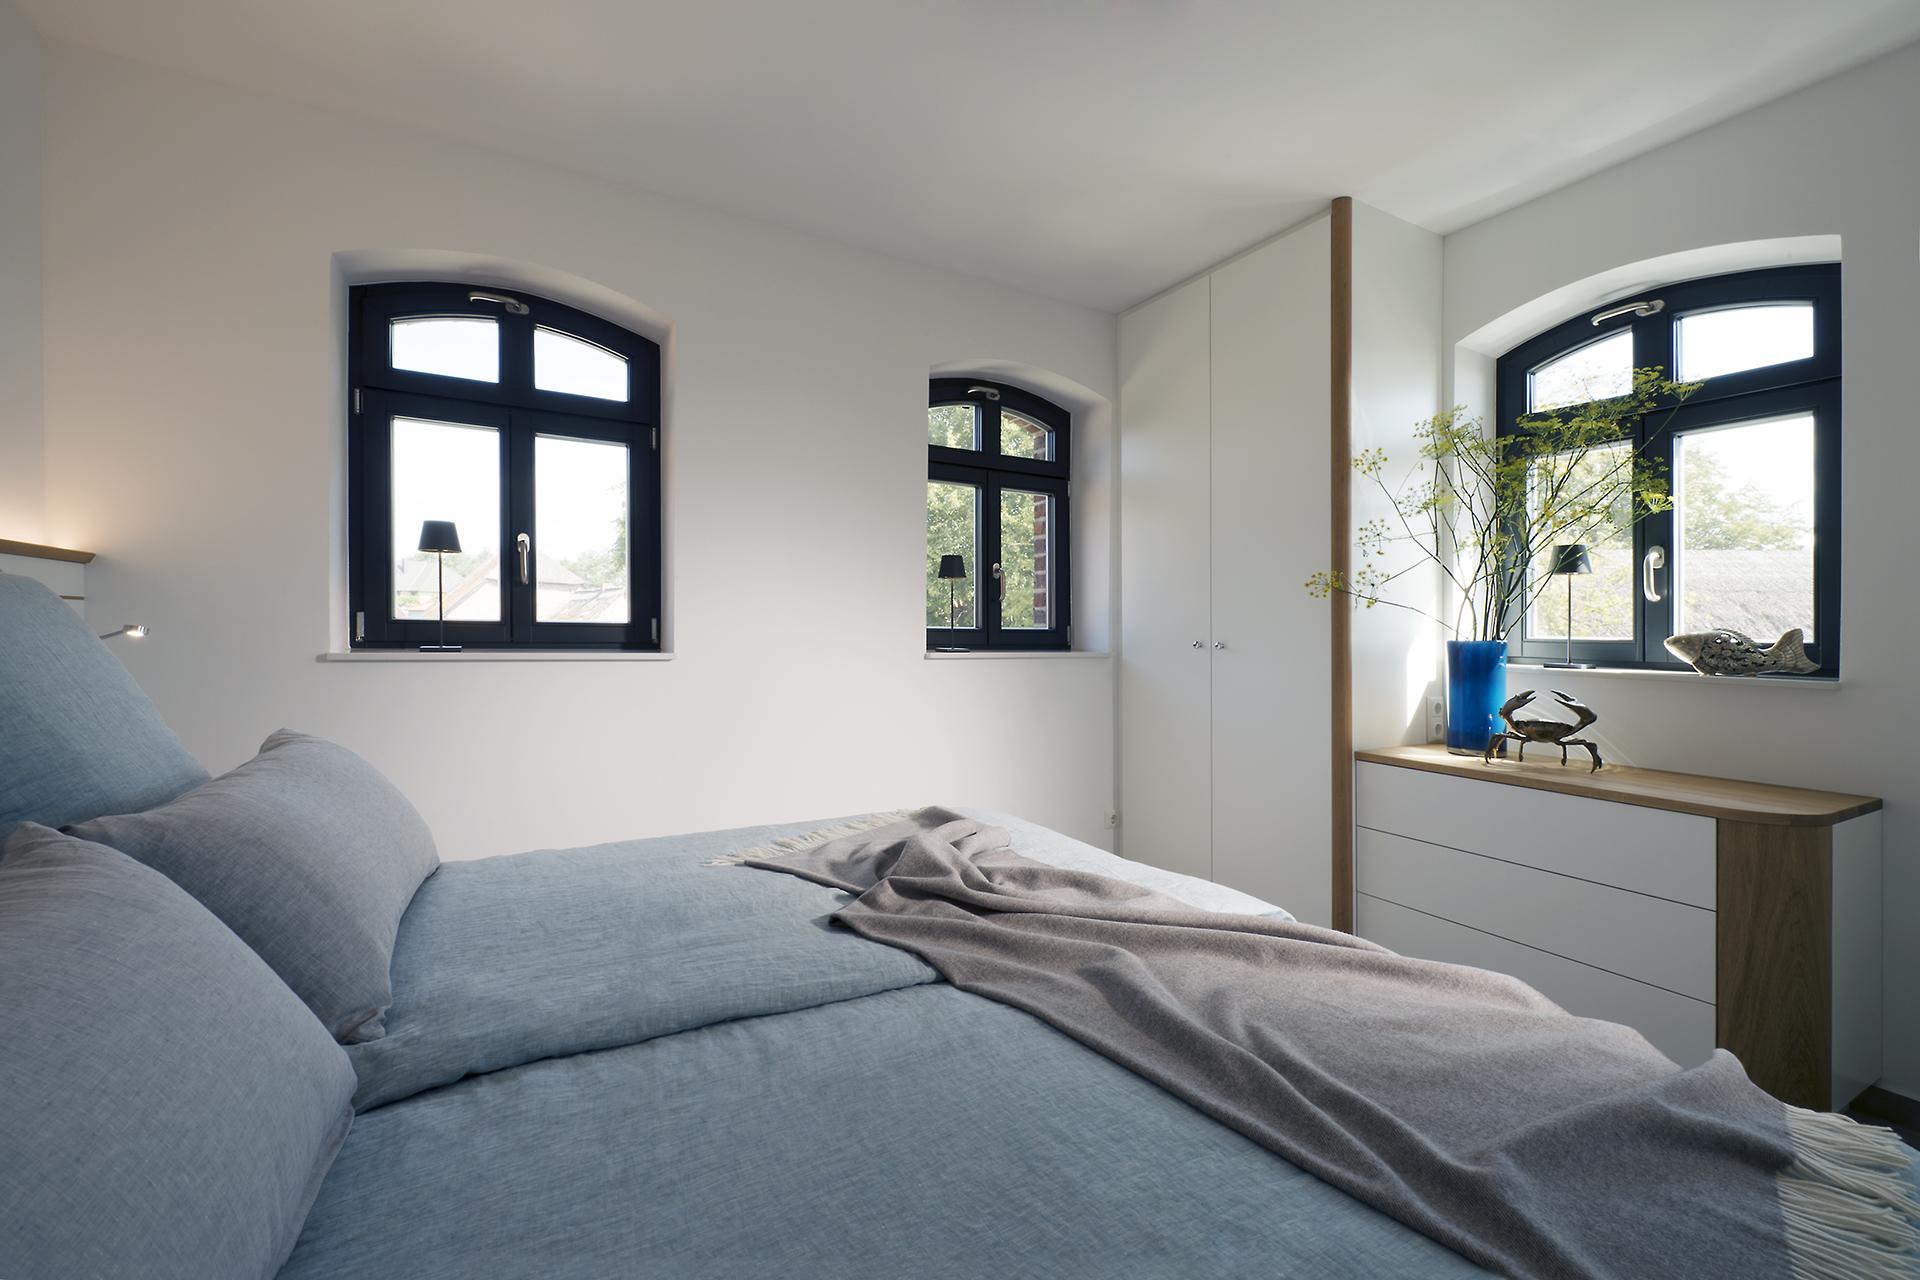 Design Einbauschrank, Kommode, Interior, Anna M. Traenkner Fotografie, Hamburg